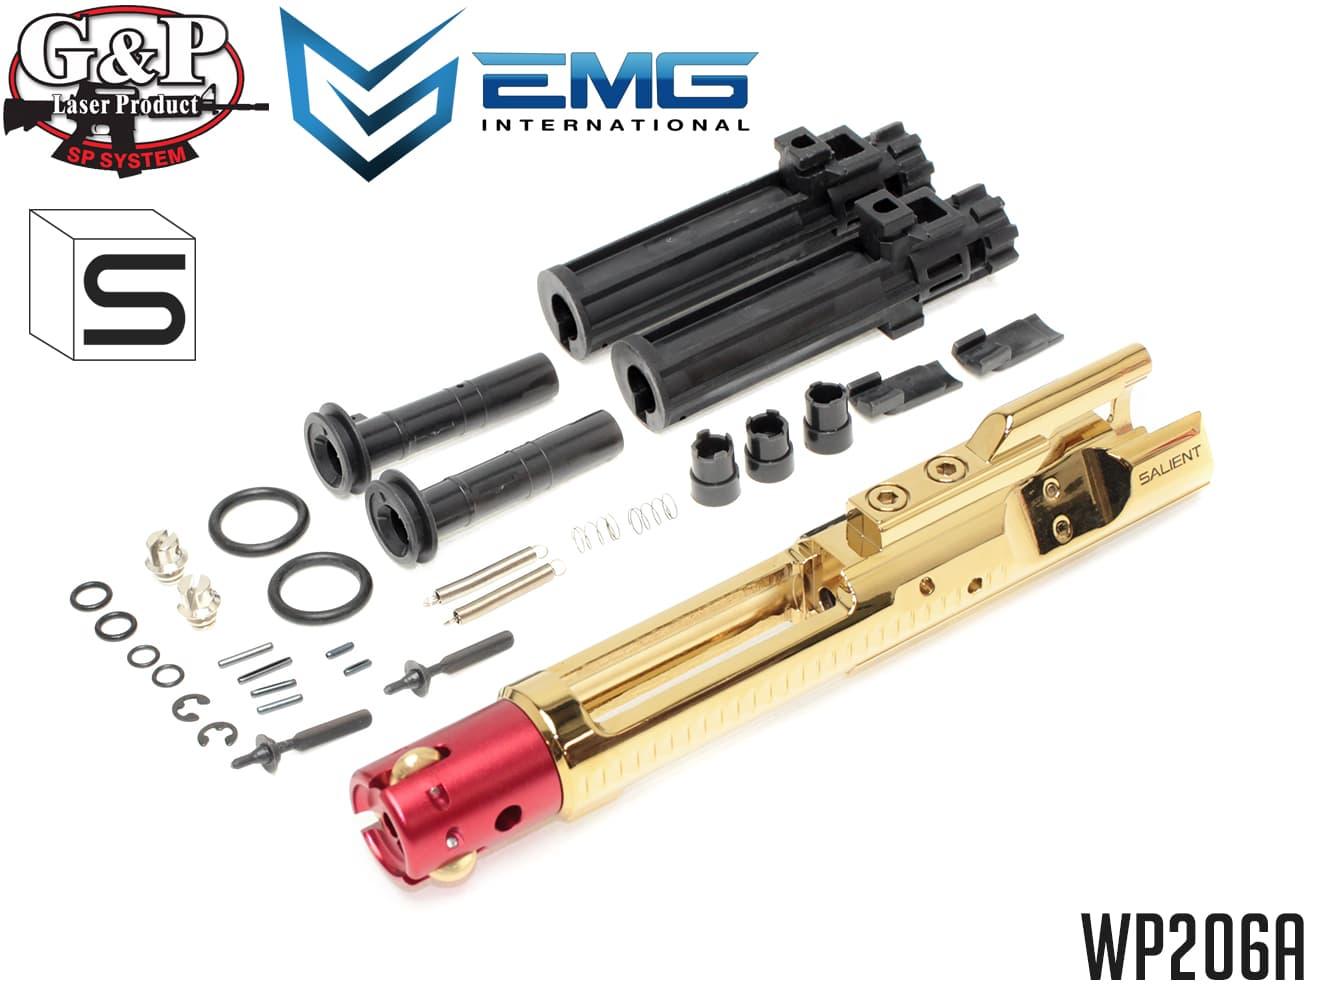 G&P ローラーボルトキャリア SAIタイプ ゴールドクローム(ネガティブプレッシャー)◆WA ガスブロ M4シリーズ対応 EMG ARMS 3点ローラー支持